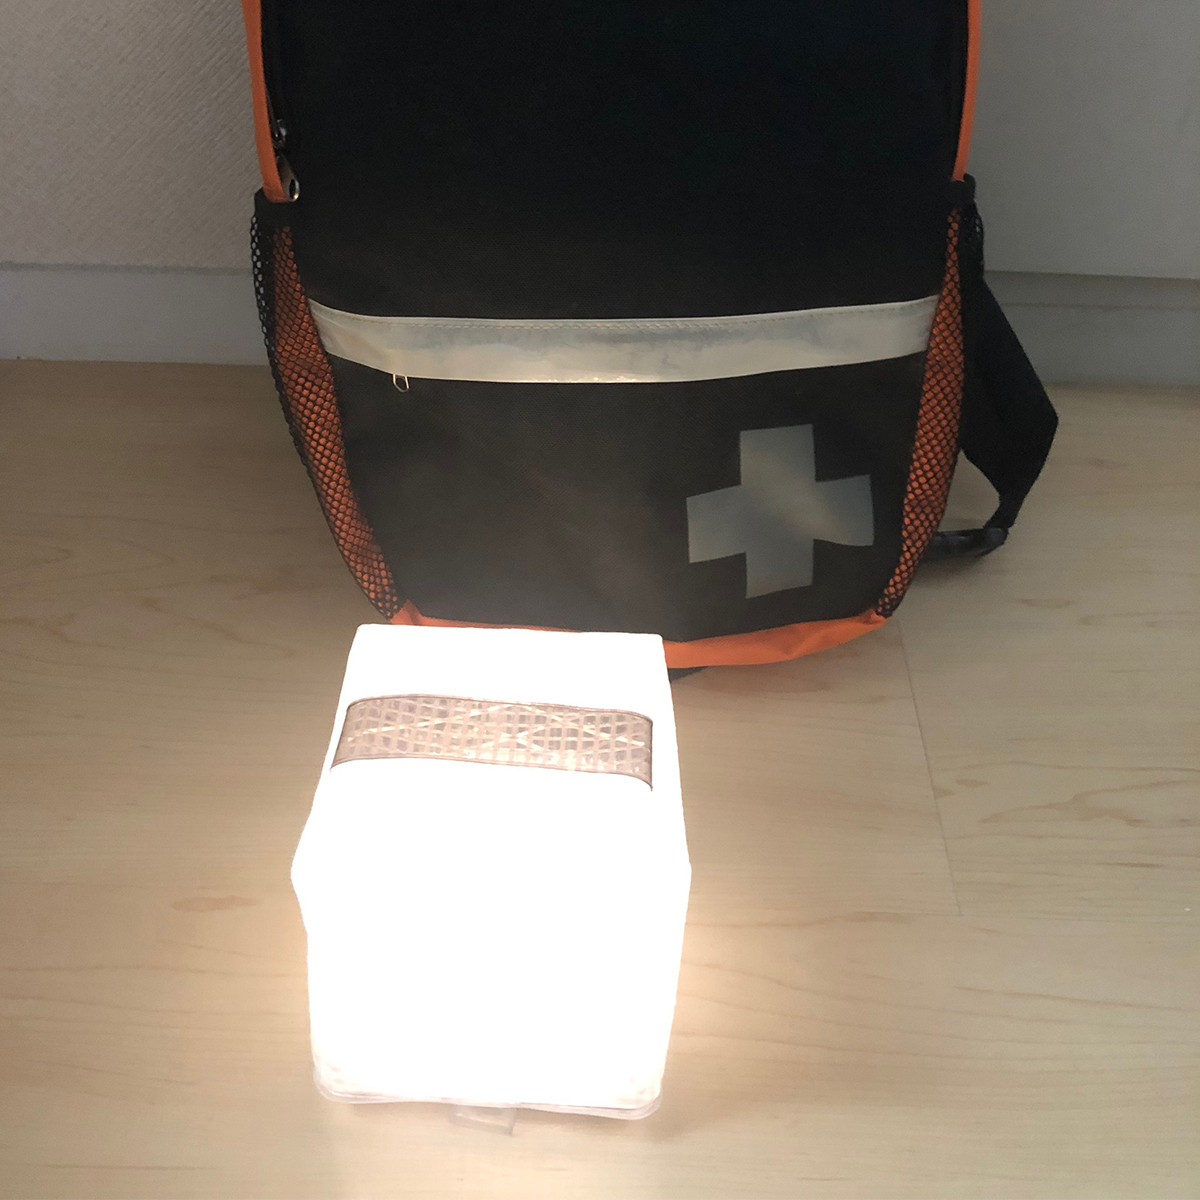 水にも強い携帯できるソーラー充電式の畳めるランタン型のライト|carry the sun(キャリー・ザ・サン)